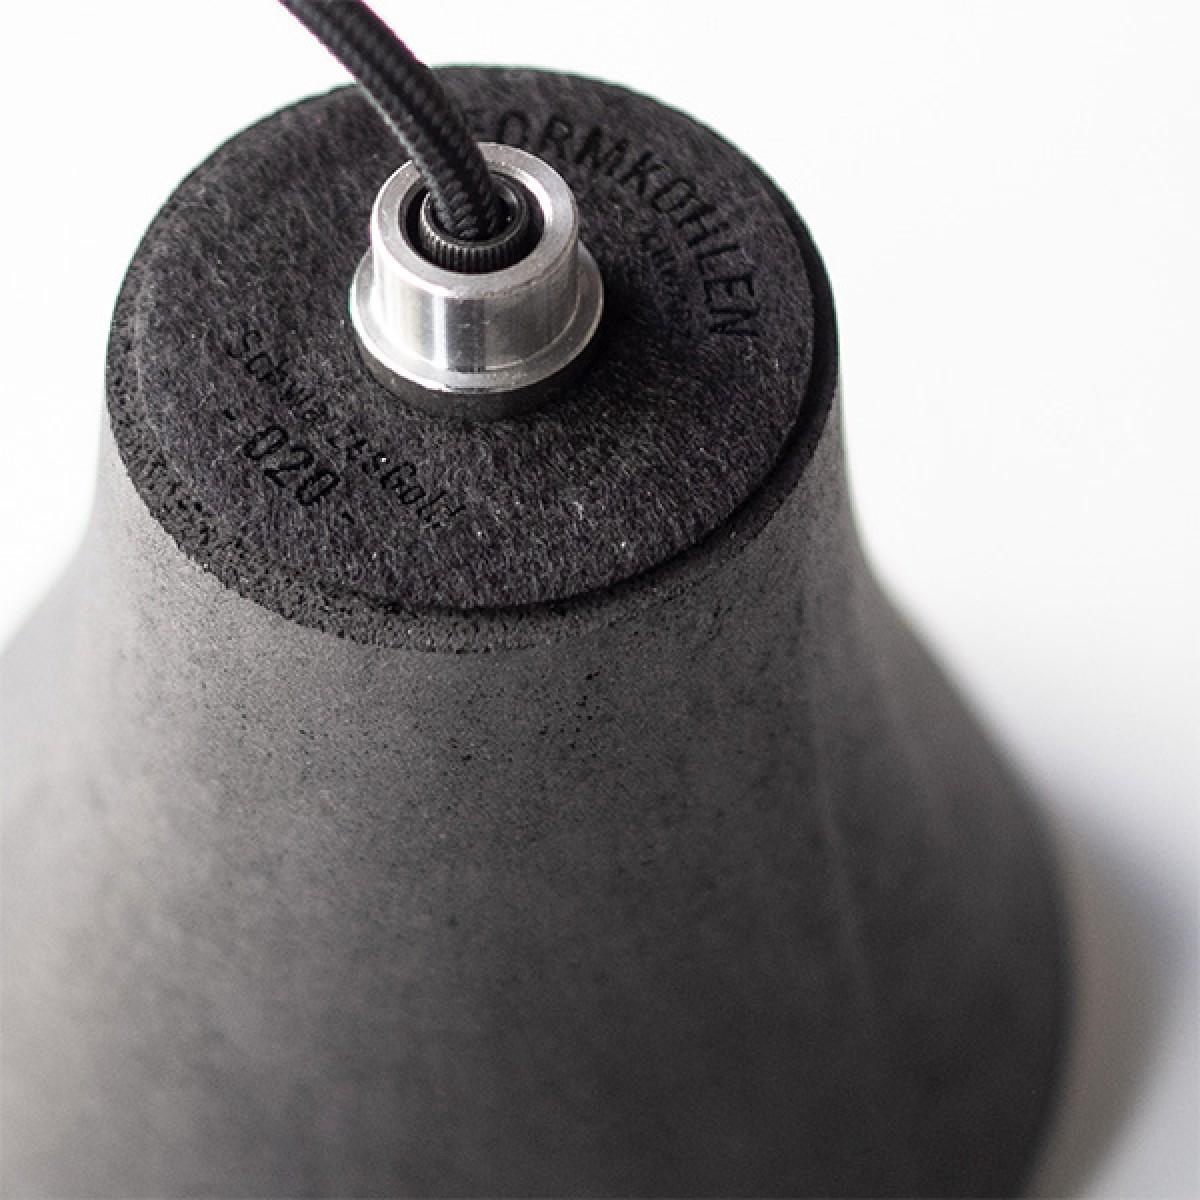 SchwarzesGold - Pendelleuchte | Kohle in Form!